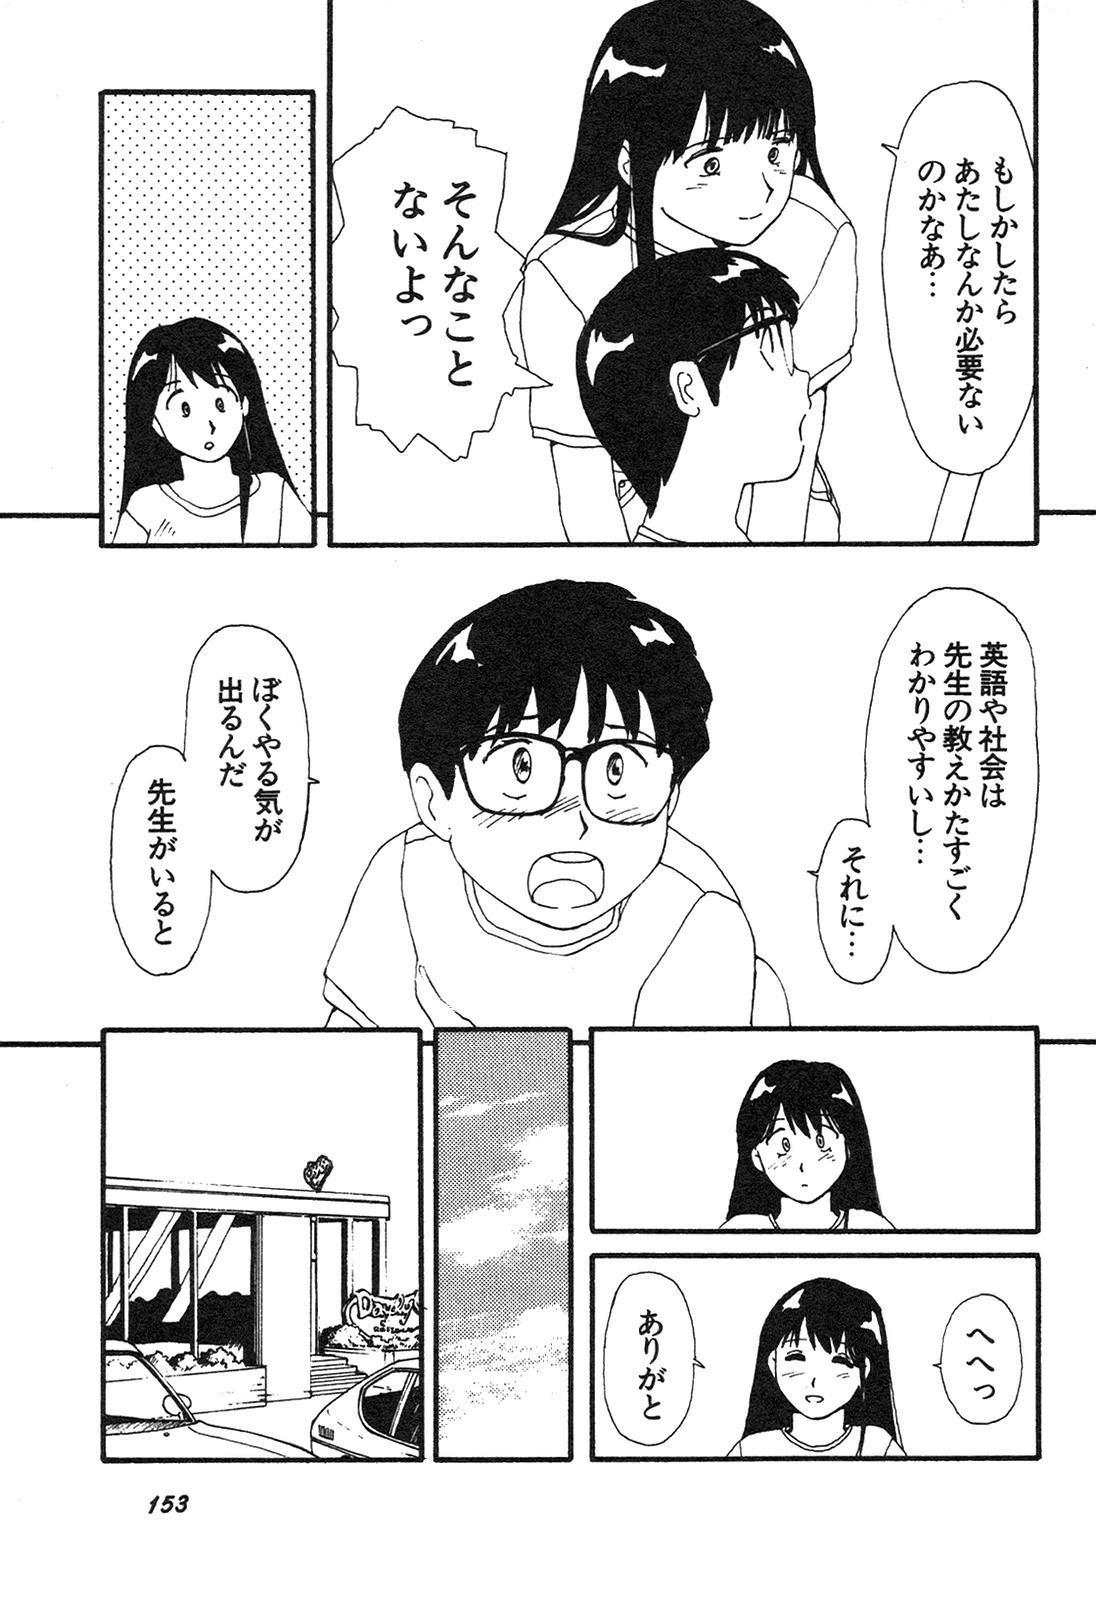 Shin Bishoujo Shoukougun 3 Yamato hen 153